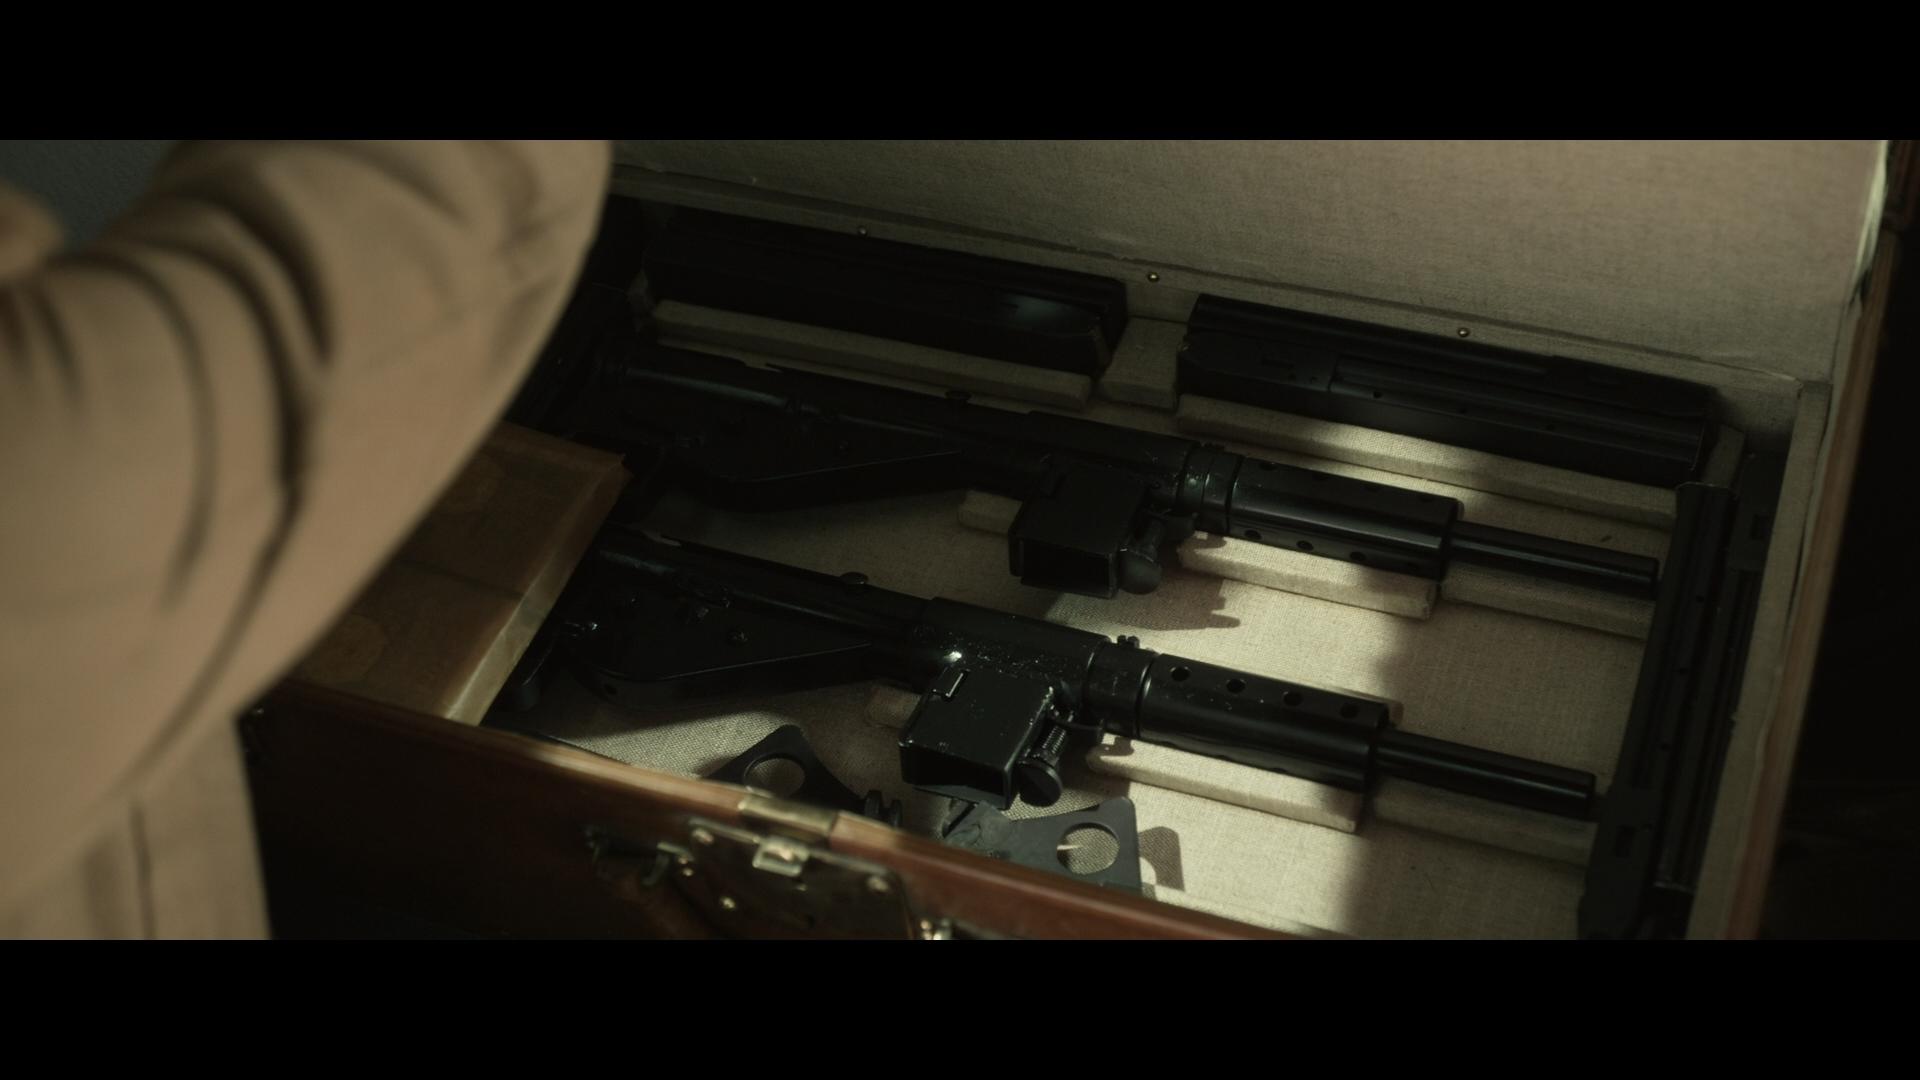 ALLIED (2016) - Max's (Brad Pitt) Sten Submachine Gun - Image 12 of 15